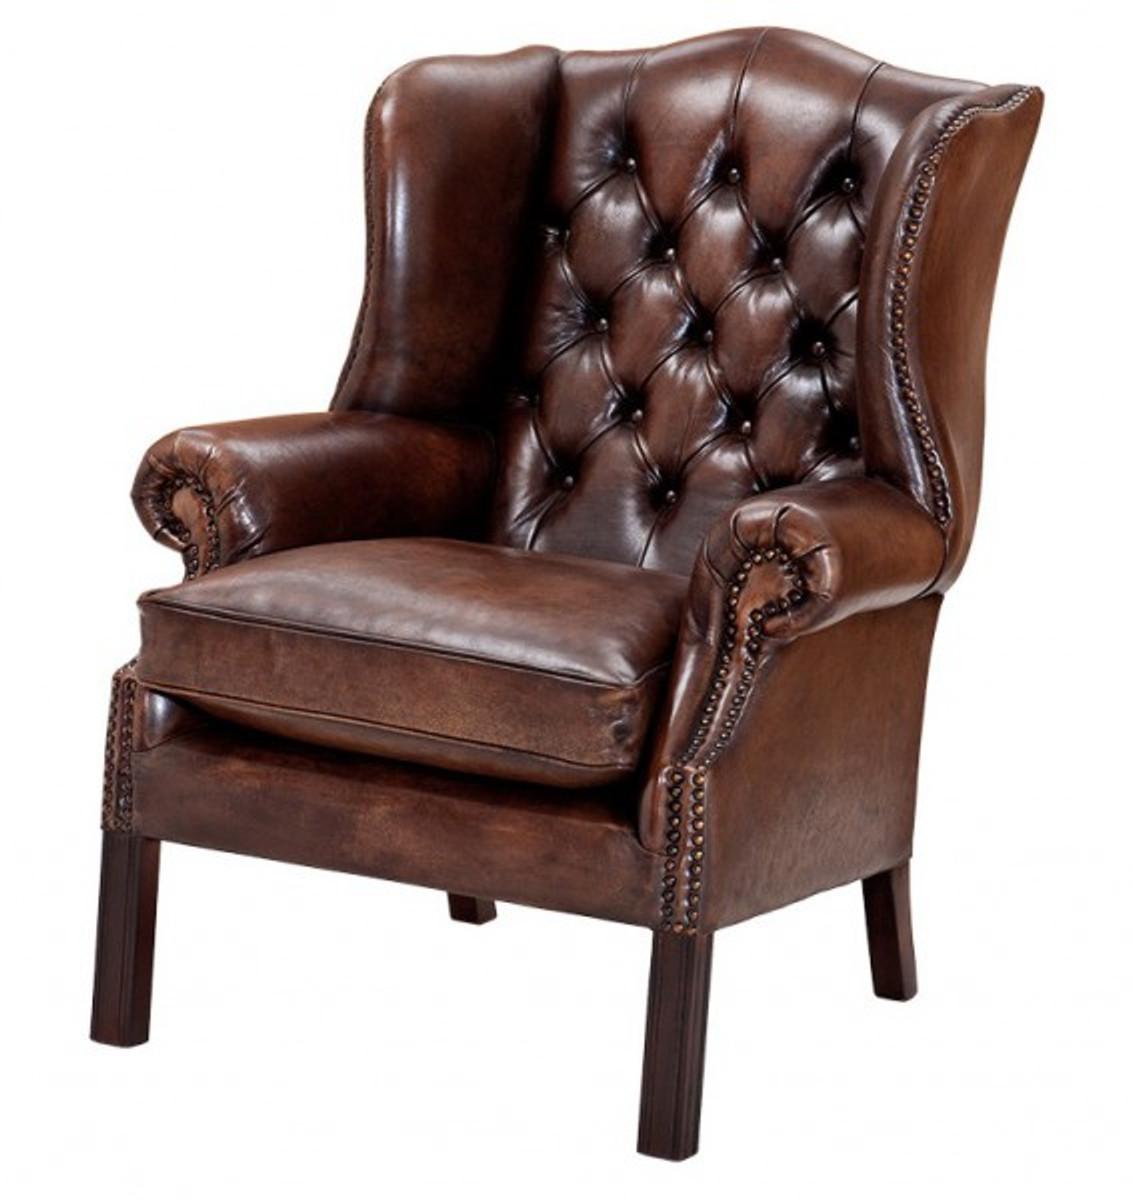 Luxus echtleder ohrensessel chesterfield vintage for Chesterfield ohrensessel